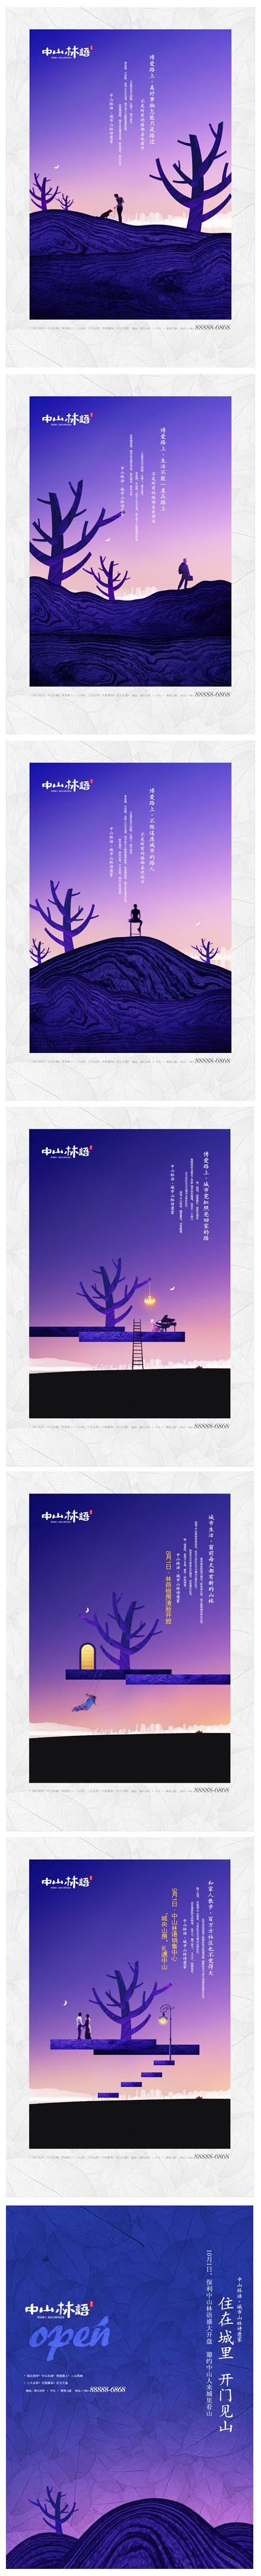 中山林语.jpg